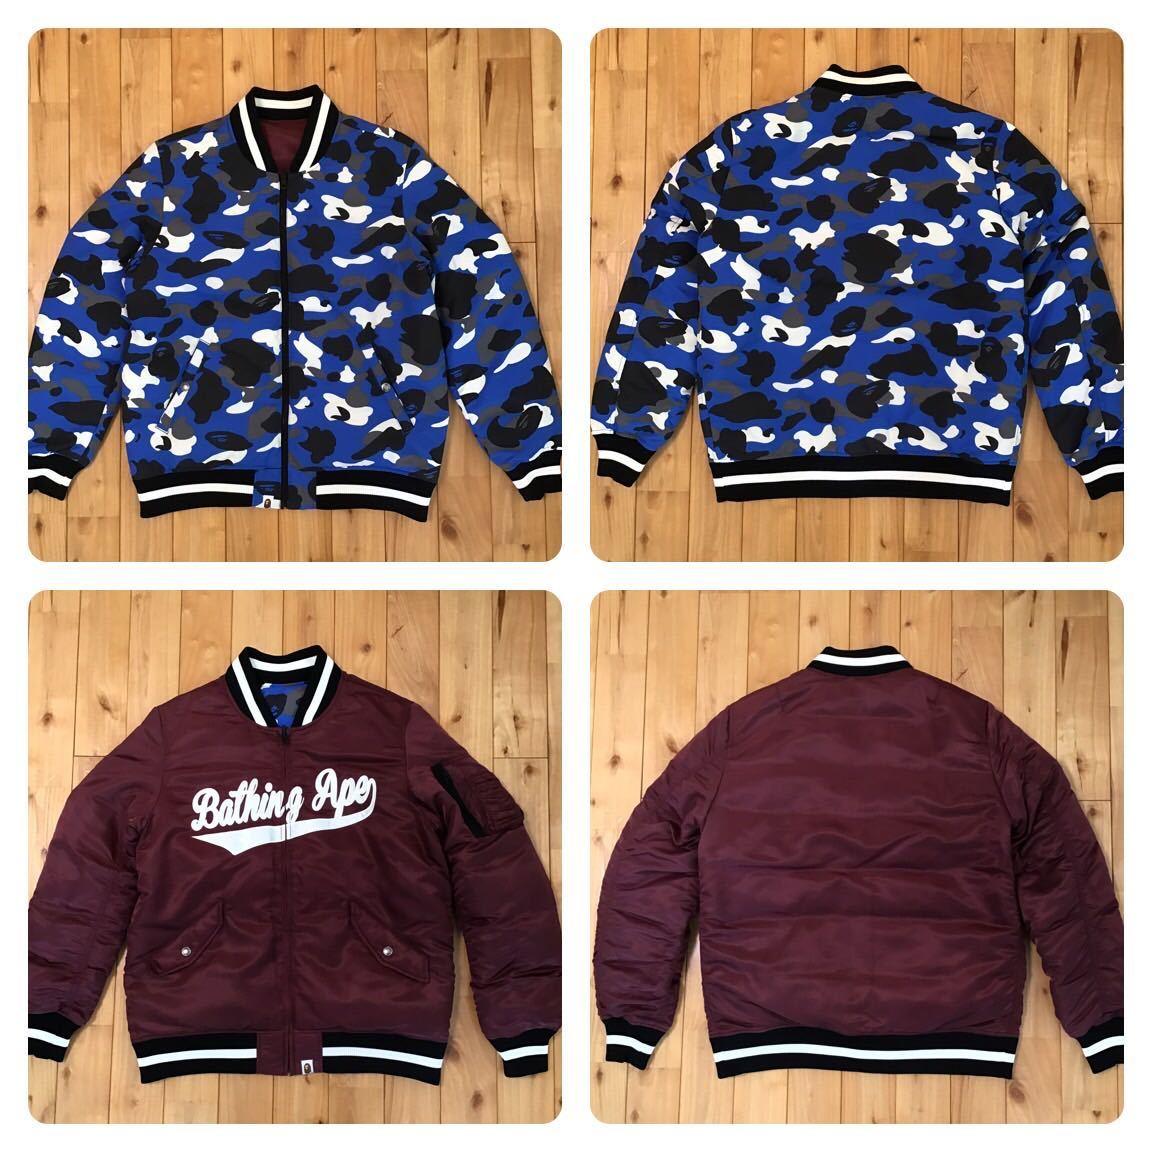 ★リバーシブル★ MA-1 ダウンジャケット Lサイズ a bathing ape BAPE camo down jacket エイプ ベイプ アベイシングエイプ bomber jacket